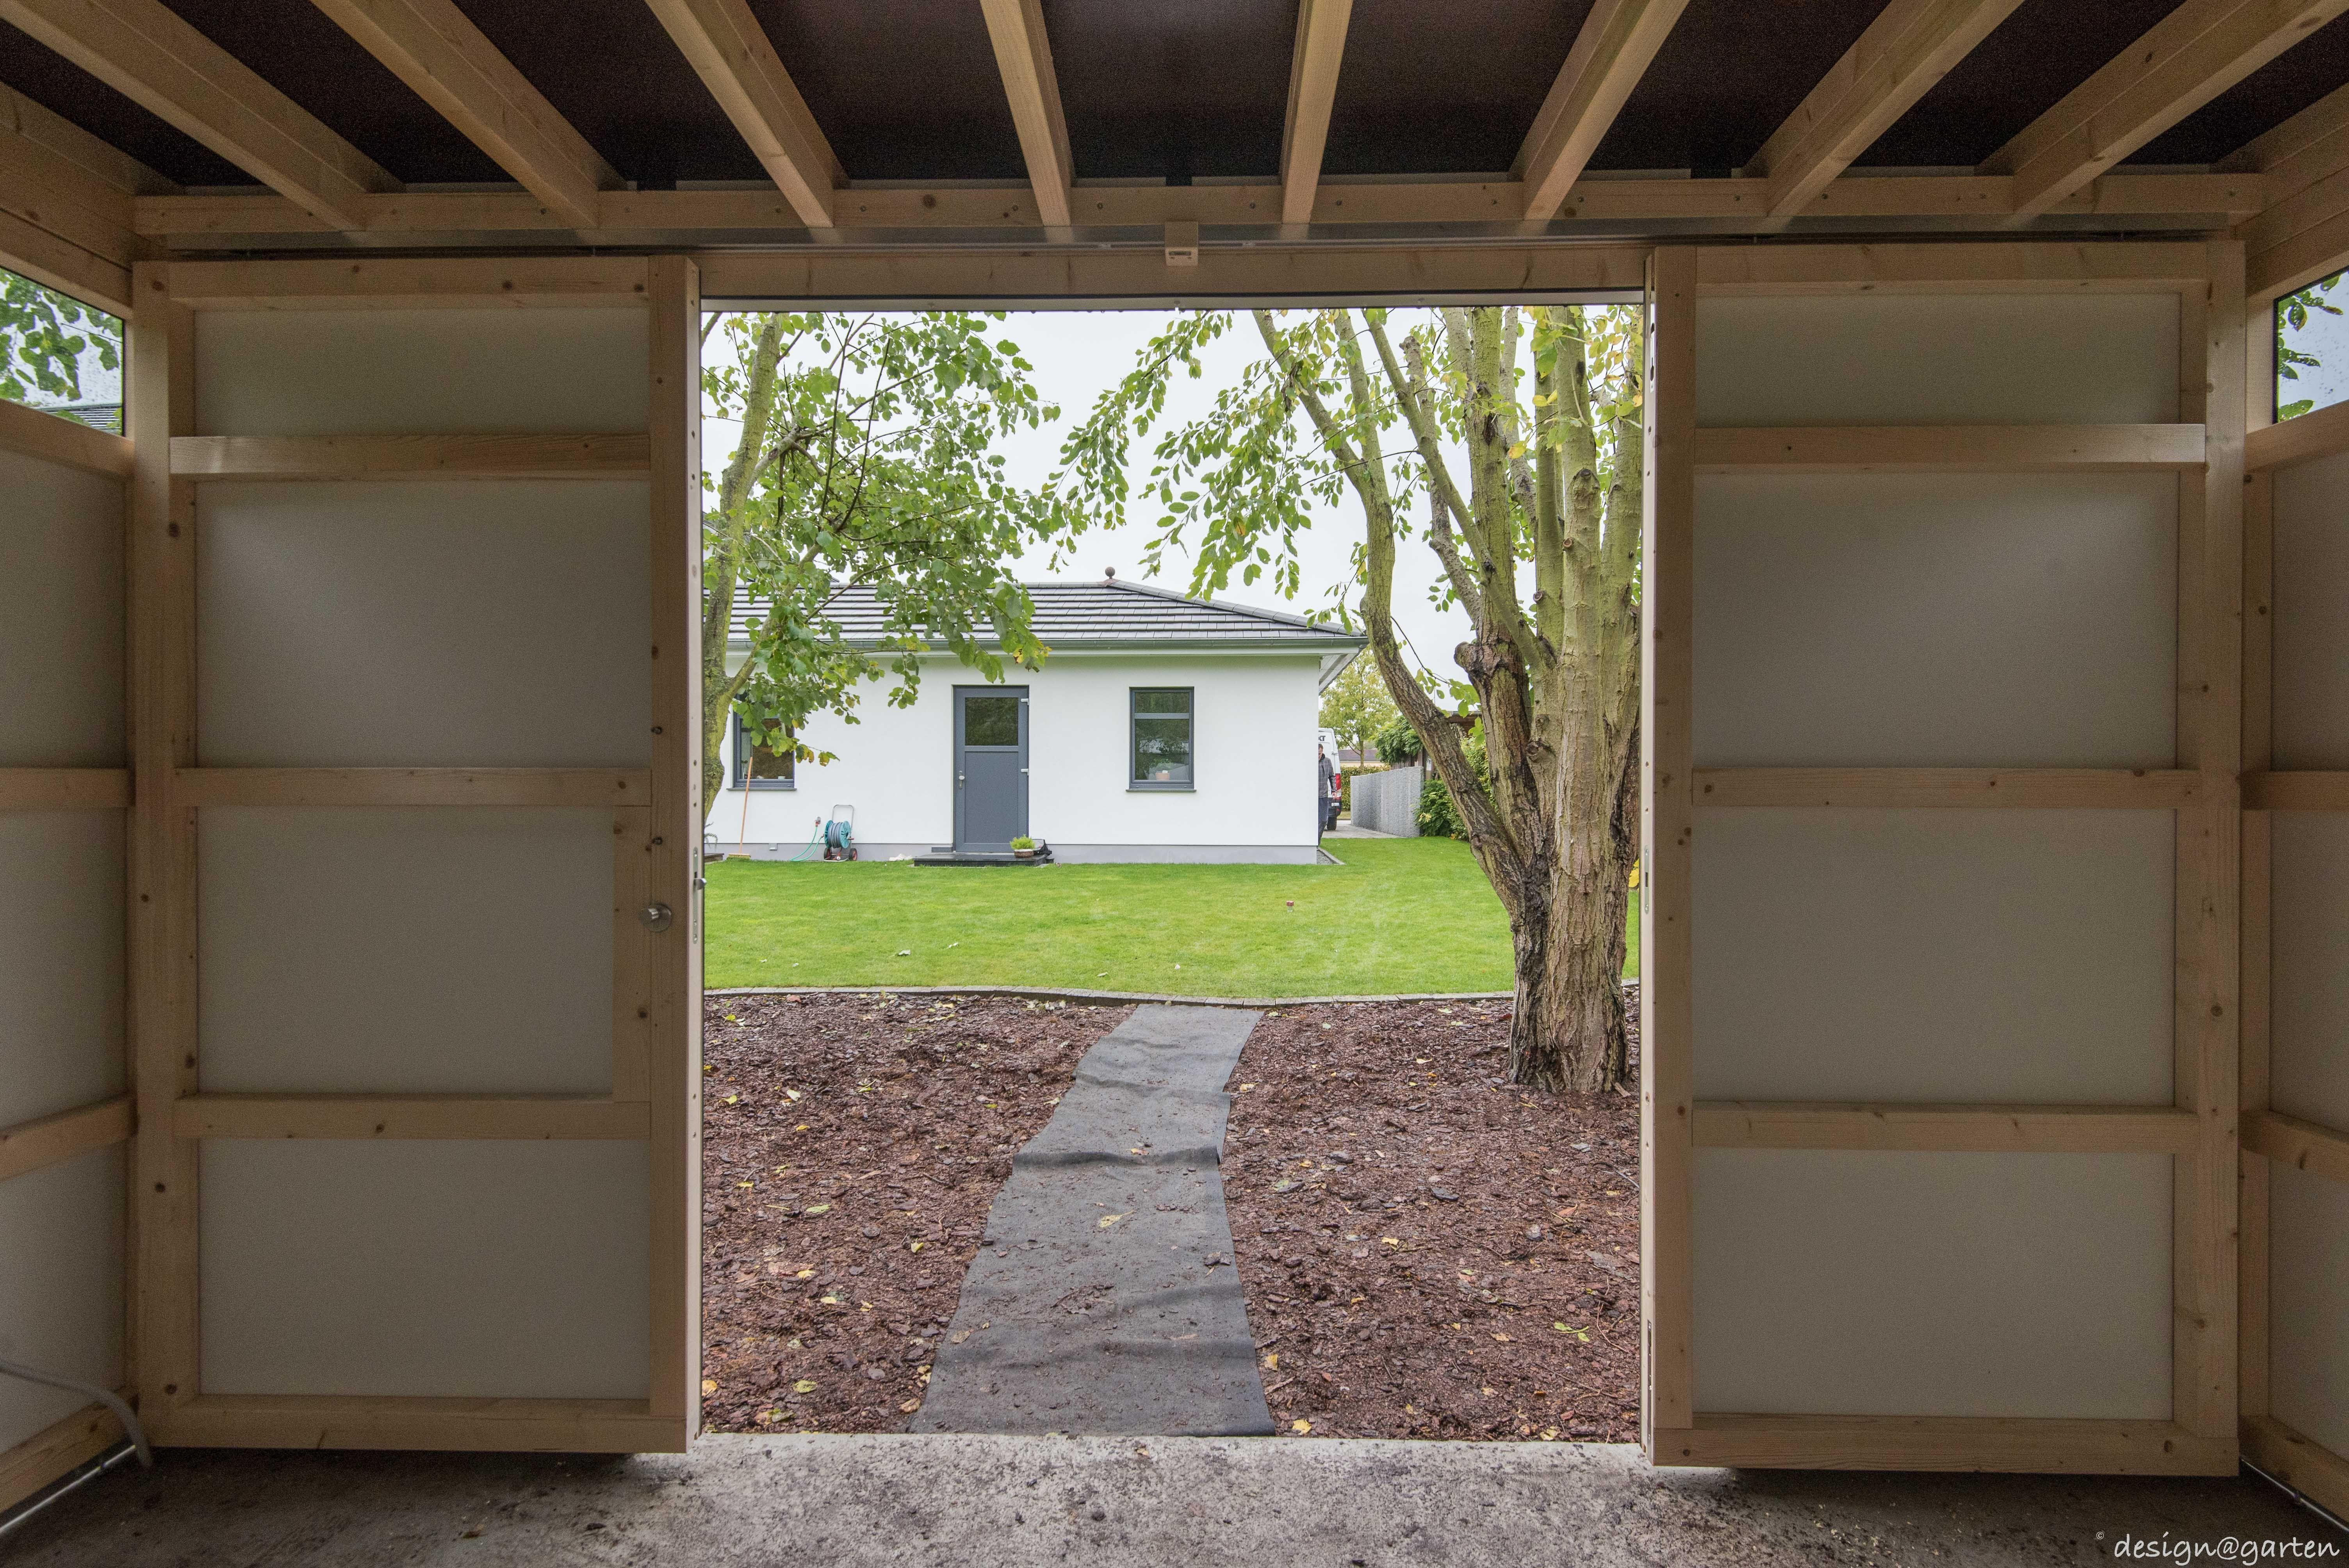 Outdoorküche Garten Rostock : Design gartenhaus @ gart in rostock by design@garten augsburg